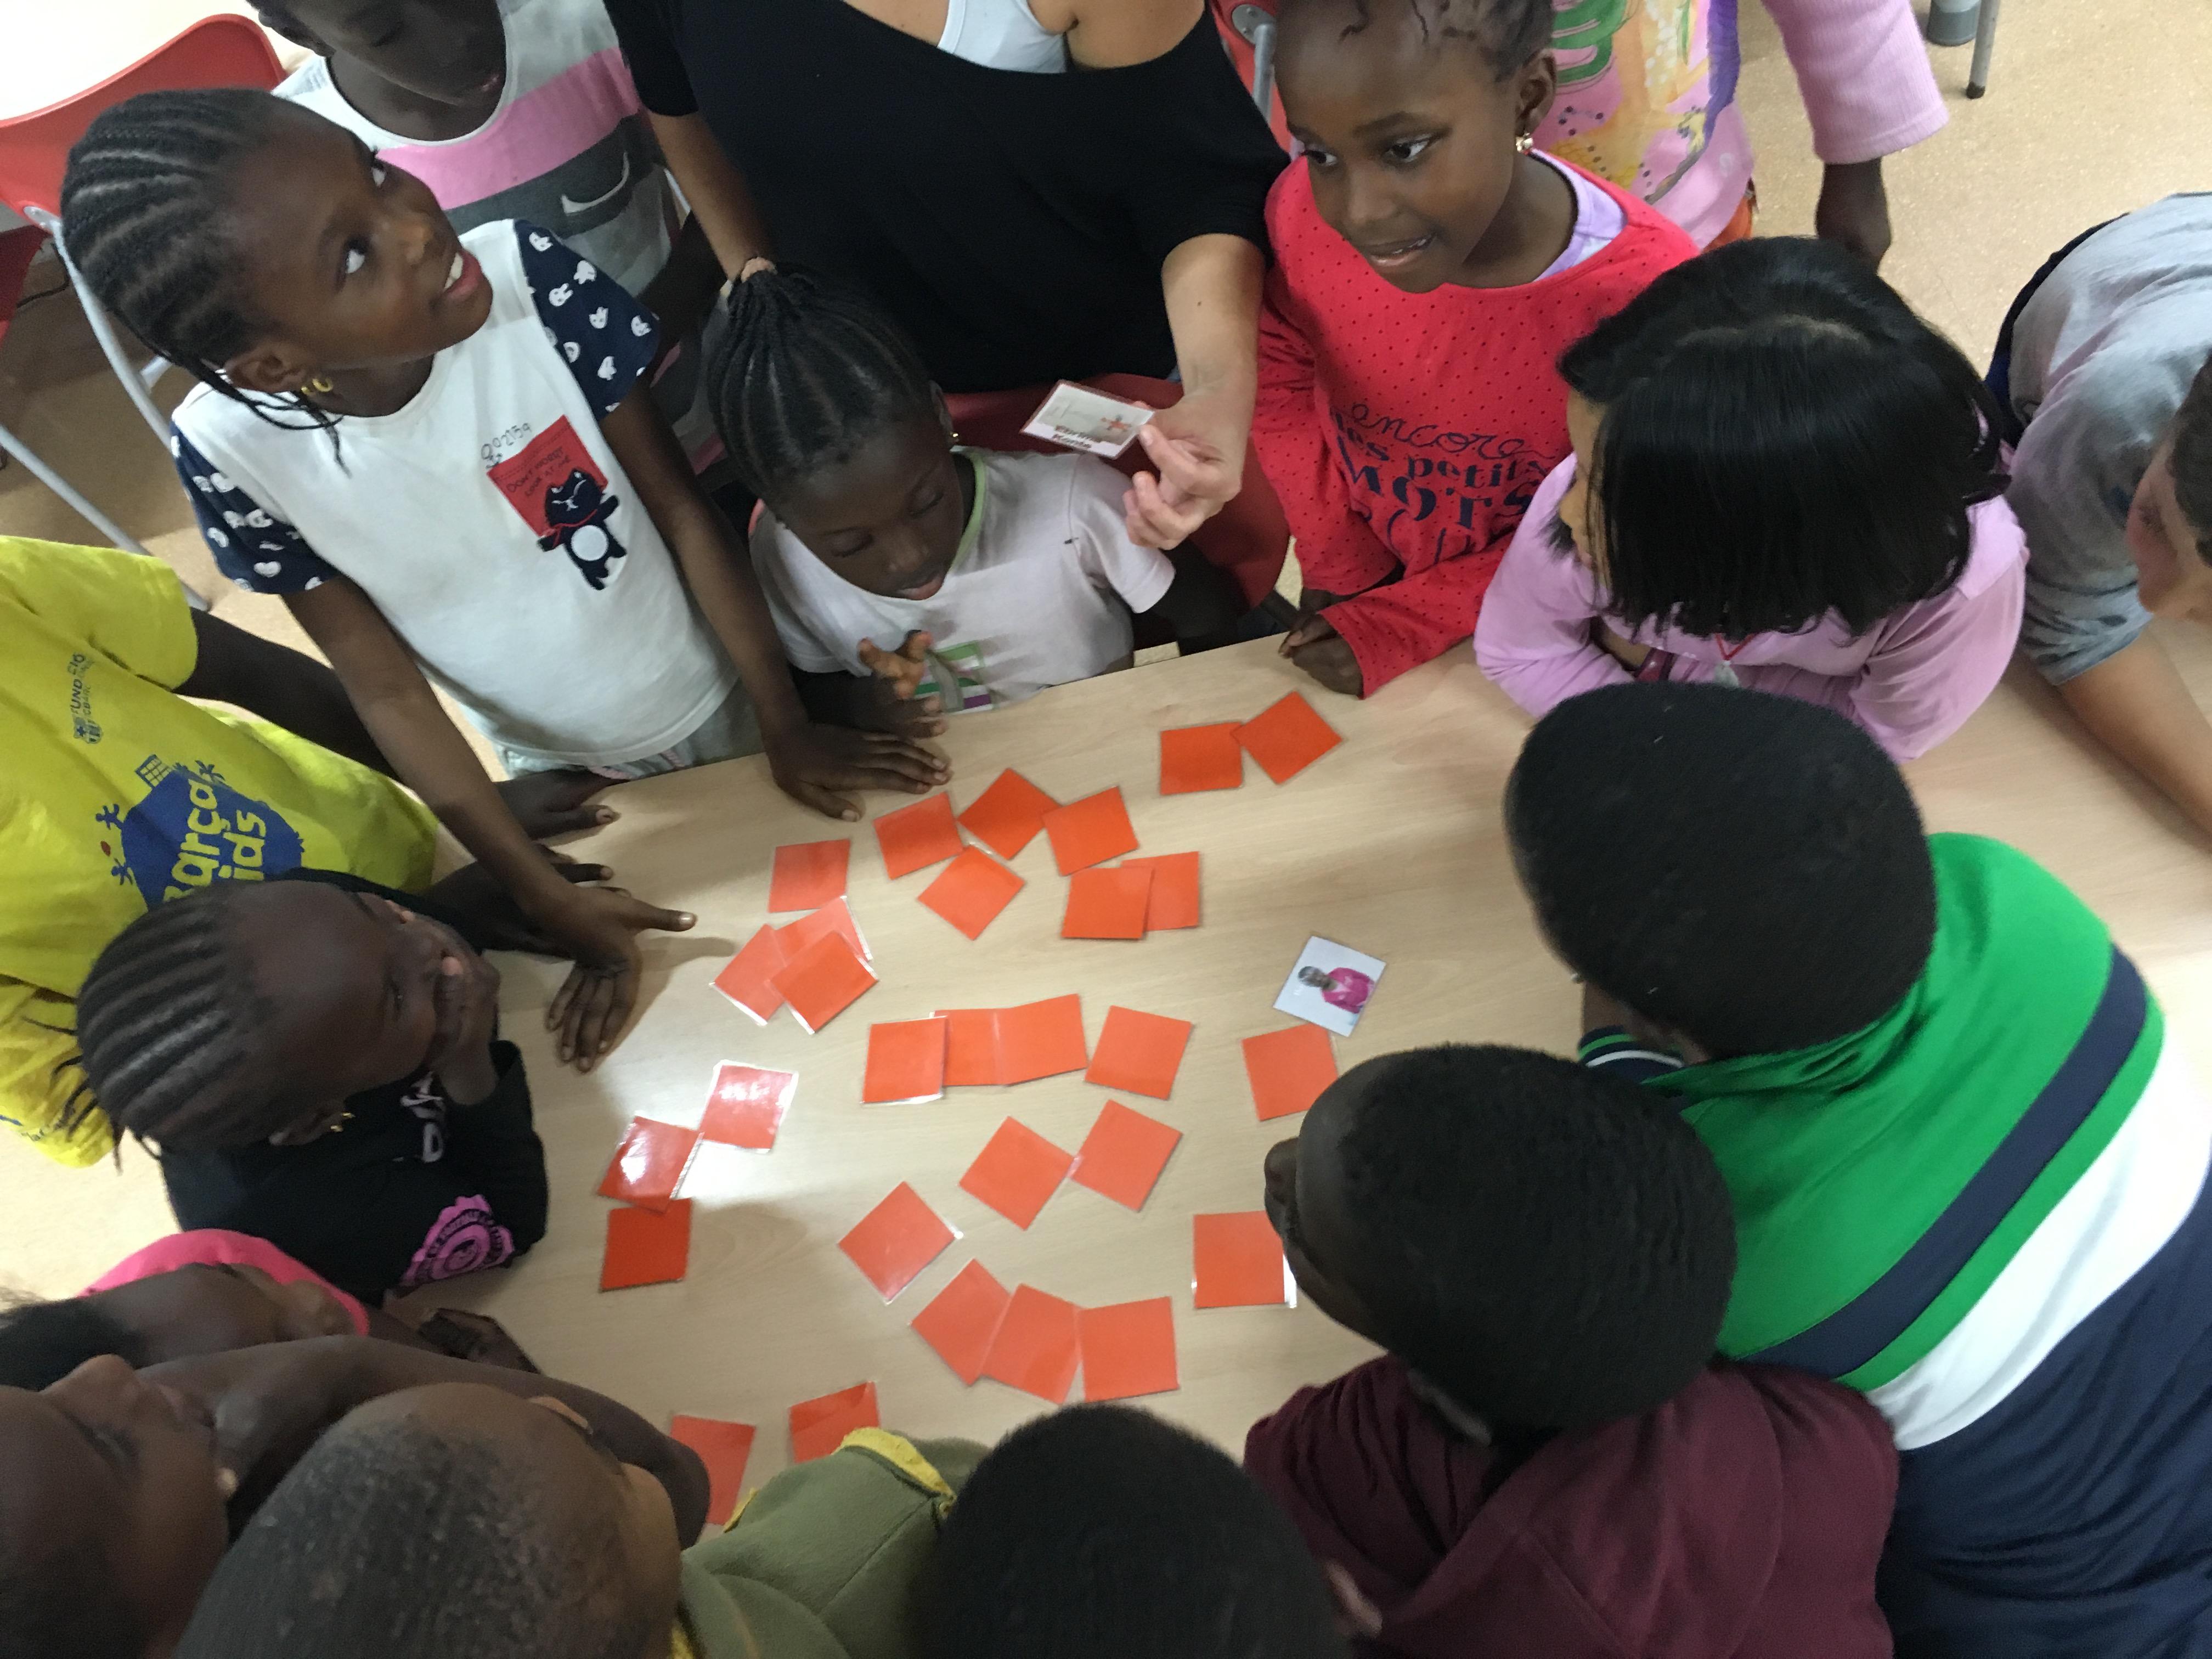 Taller 20 de novembre amb els nens i nenes dels socioeducatius!